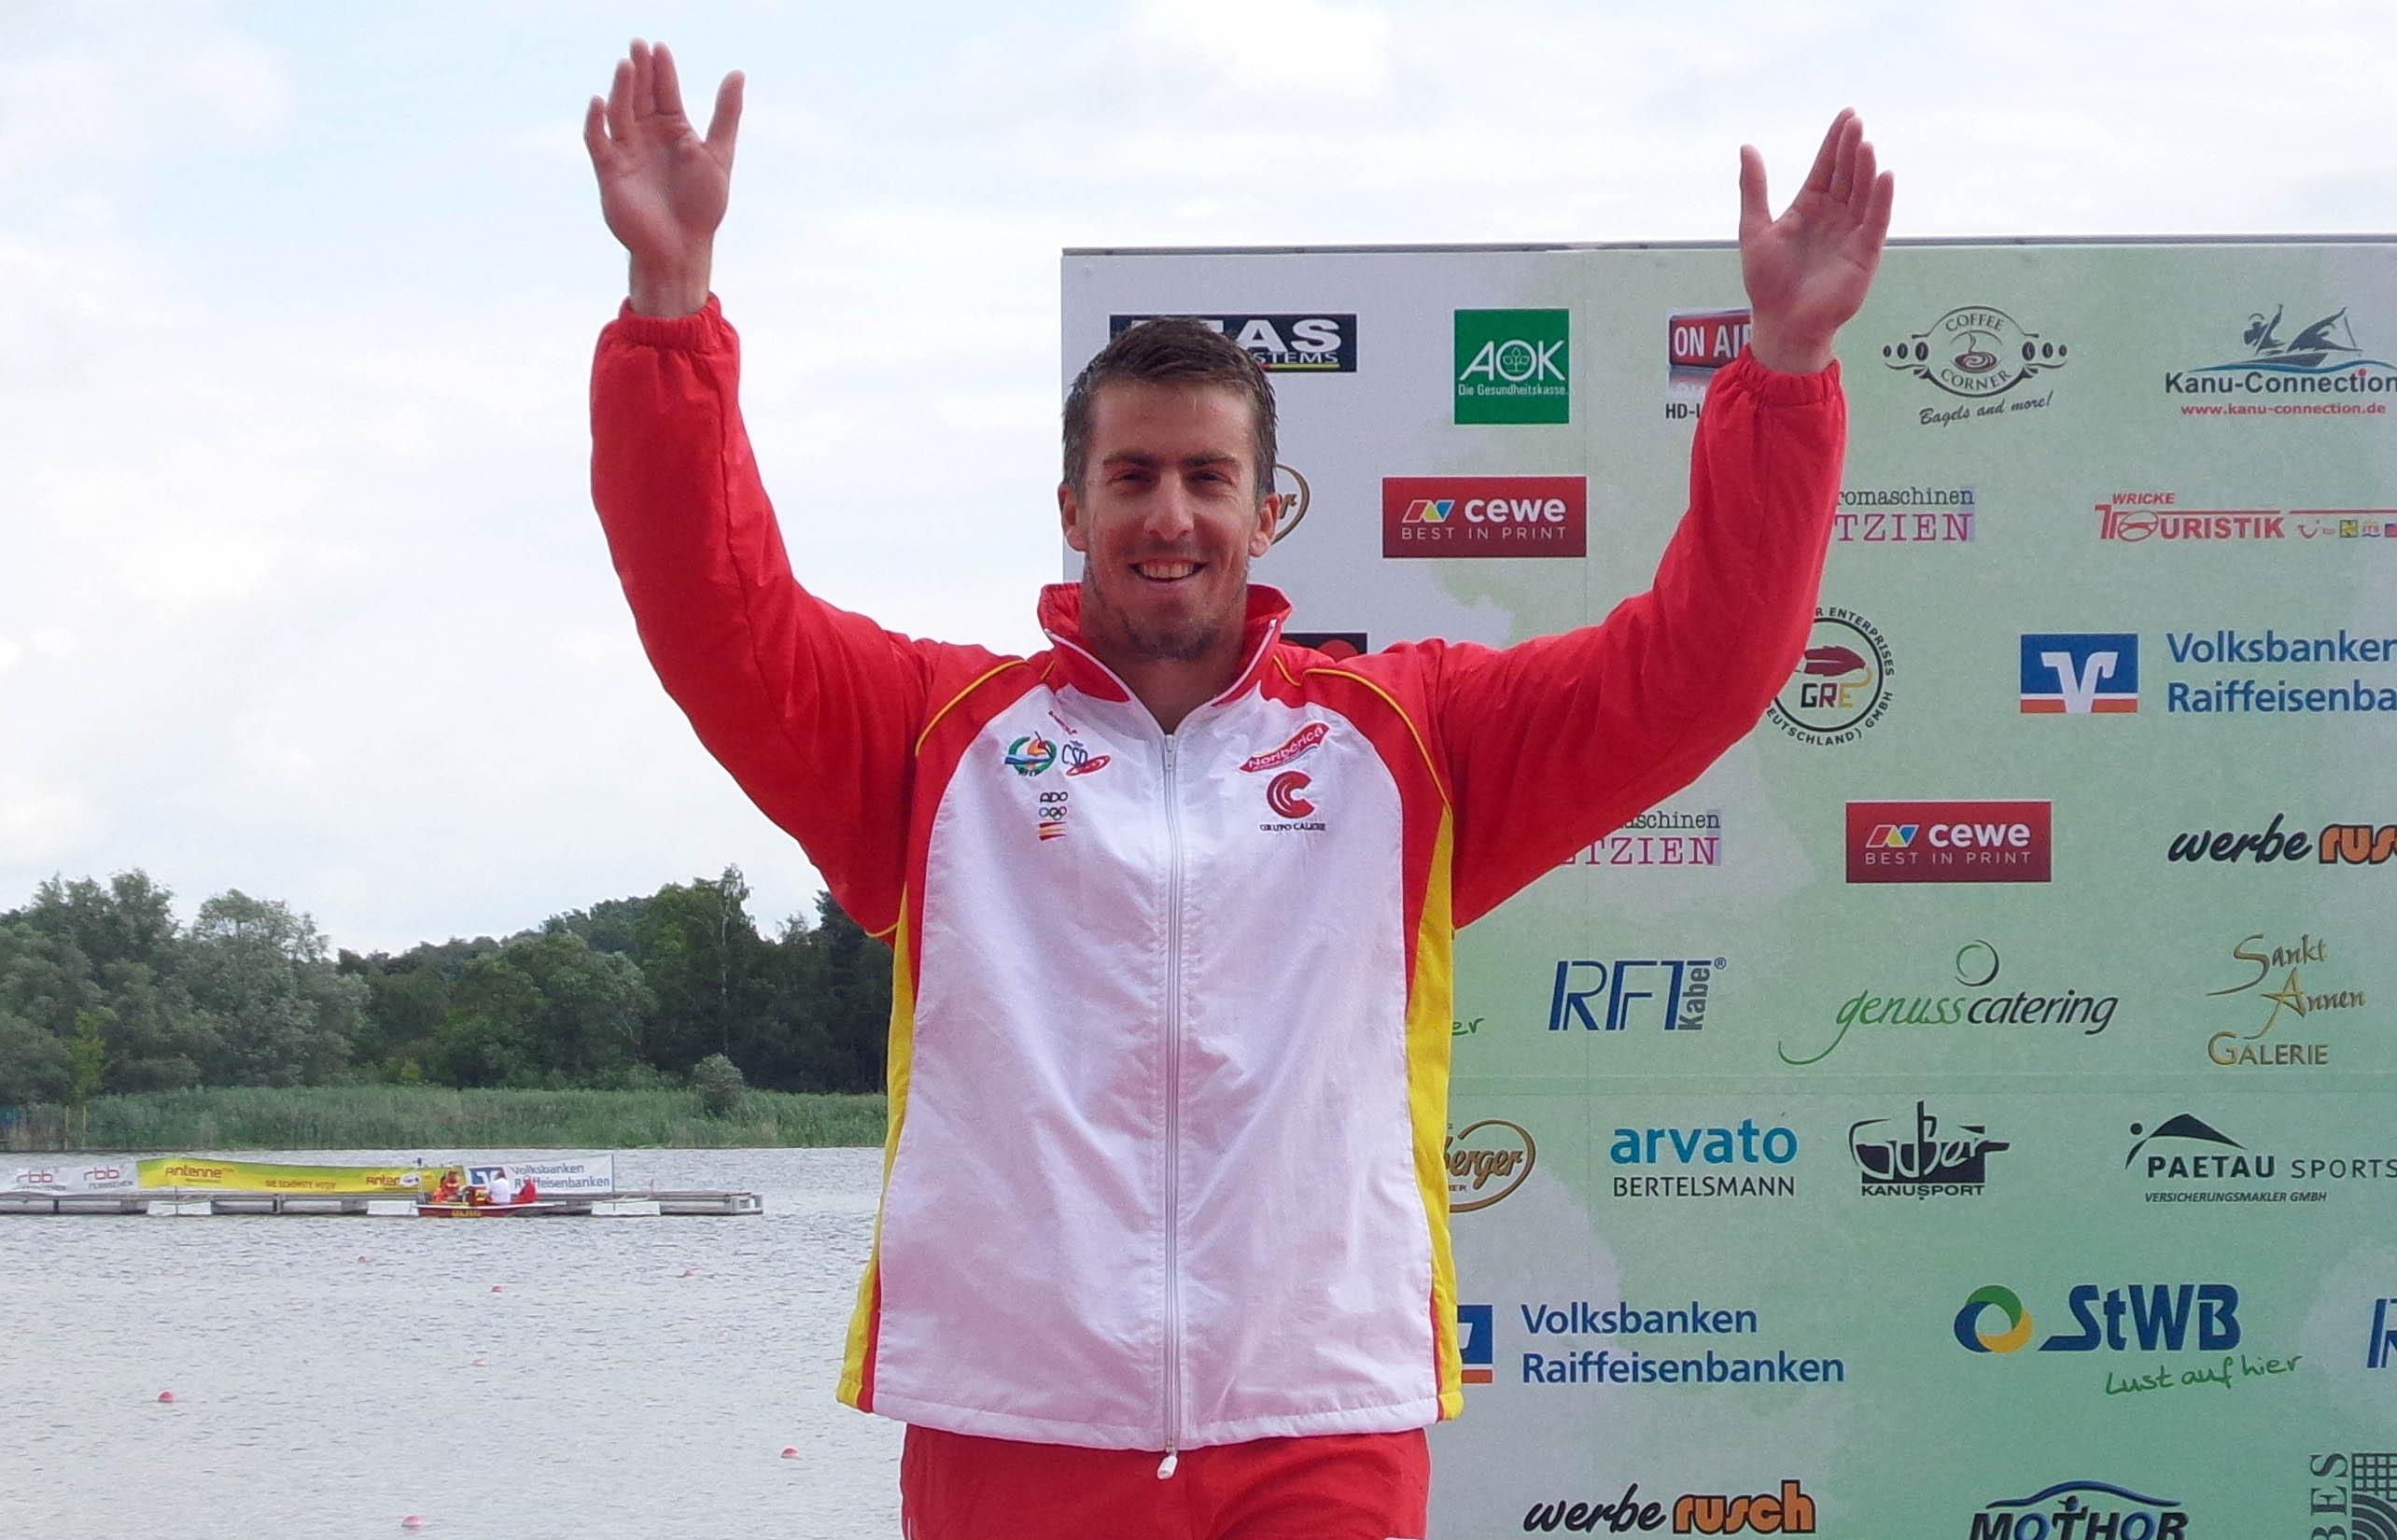 Sete Benavides ha conseguido la medalla de plata de C1 200 en el Campeonato de Europa de Brandenburgo. Fuente: RFEP